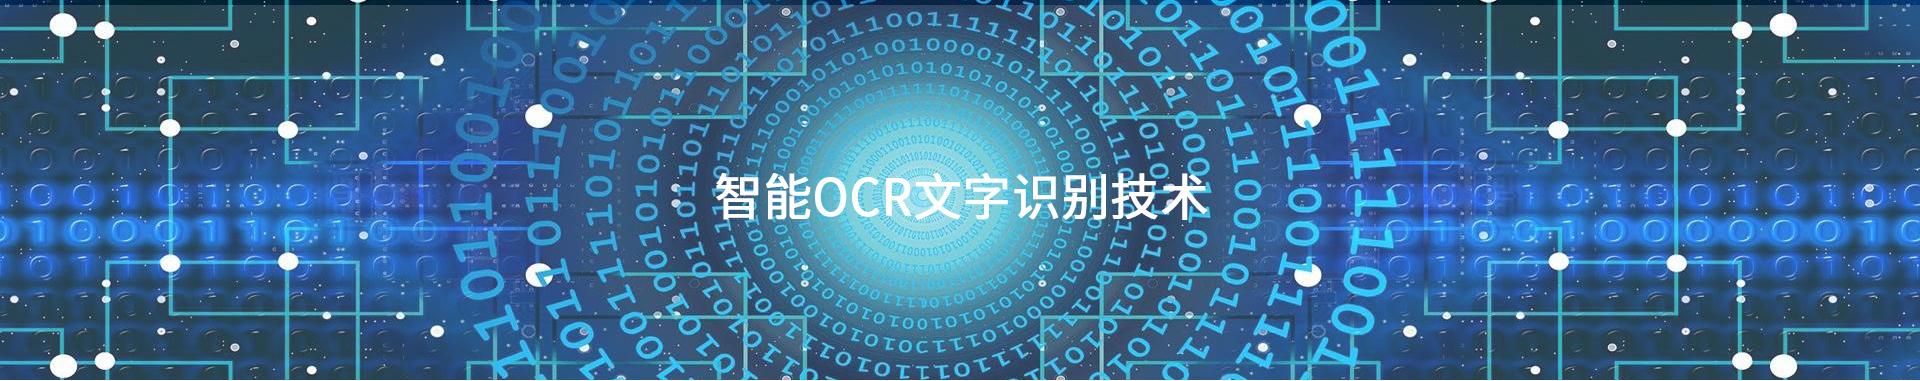 智能OCR文字识别系统